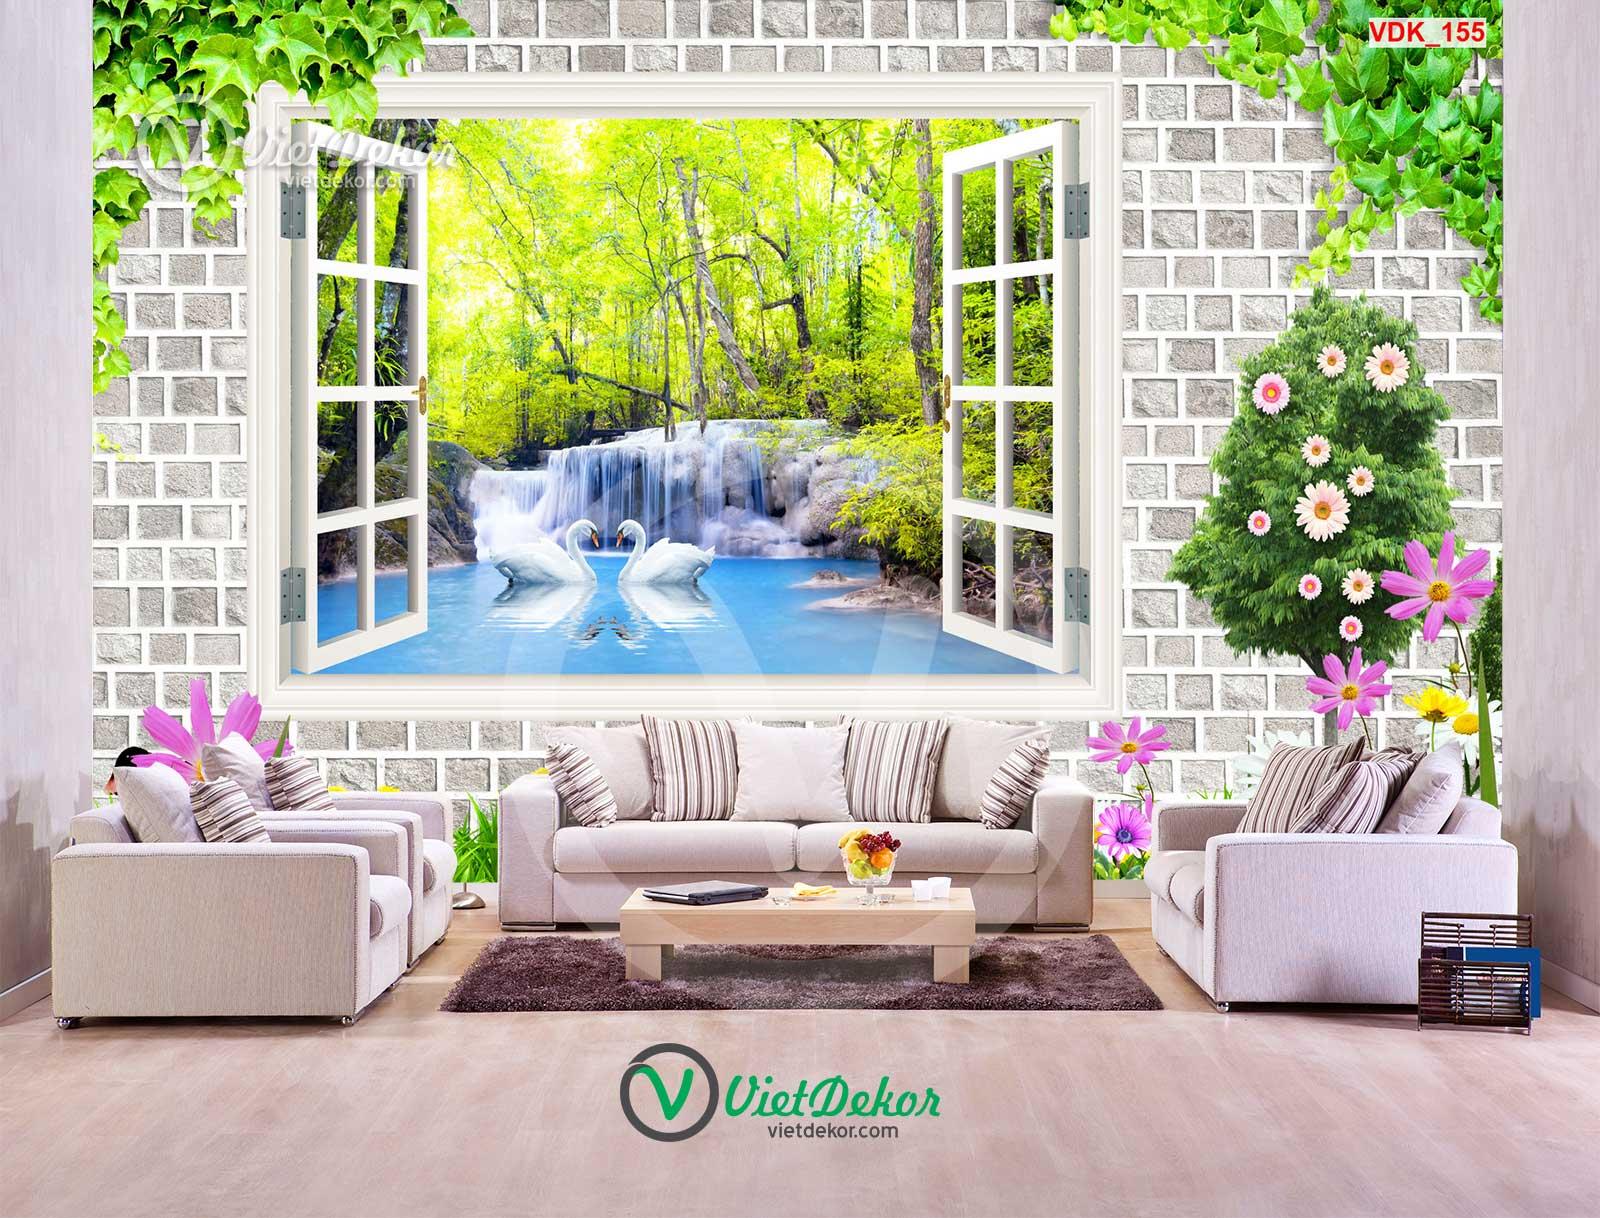 Tranh dán tường 3d cửa sổ thác nước thiên nga